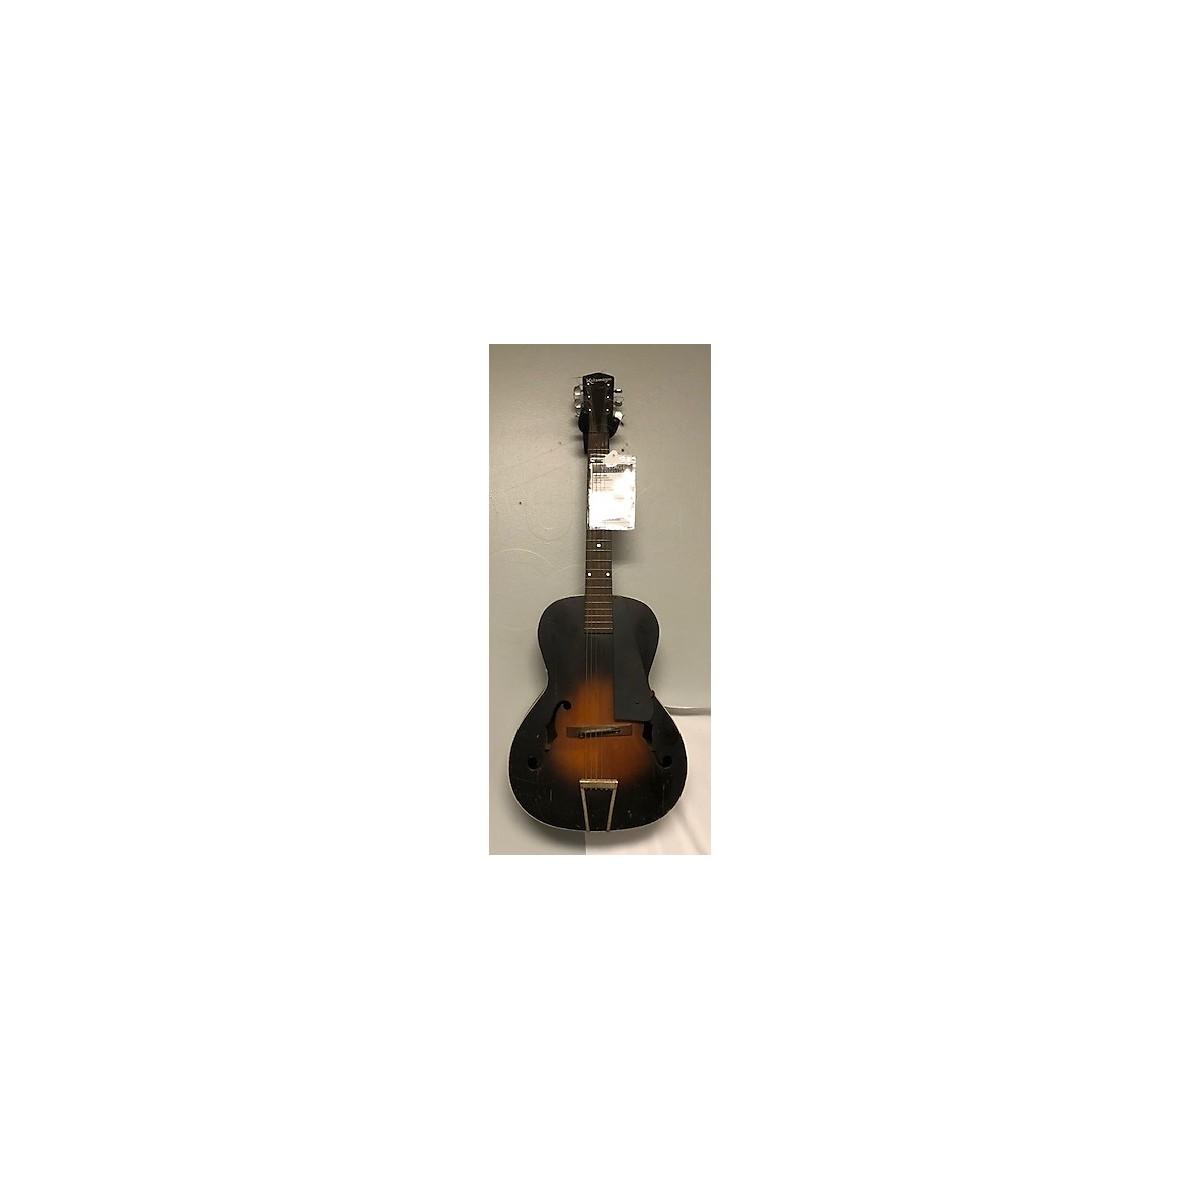 Kalamazoo 1930s KG21 Acoustic Guitar